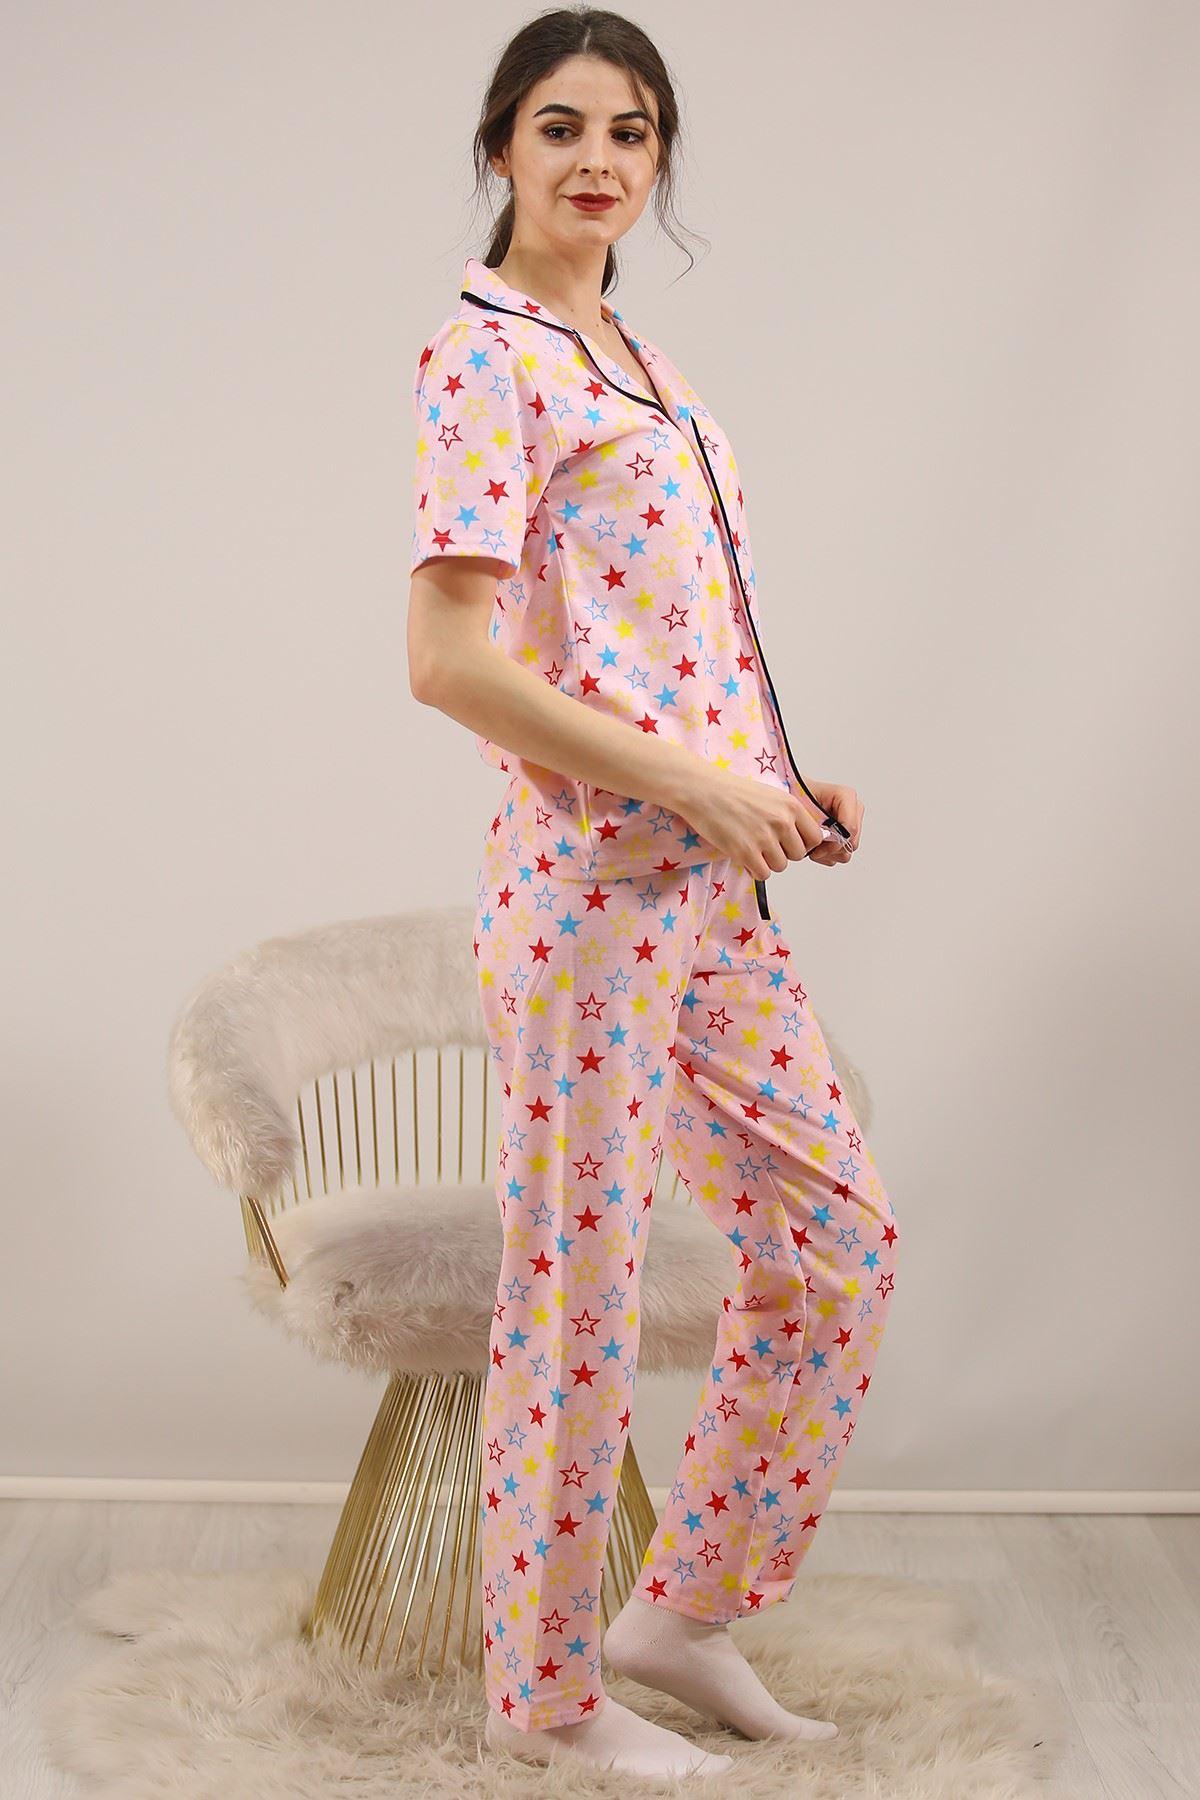 Düğmeli Penye Pijama Takımı Pudra - 4782.102.